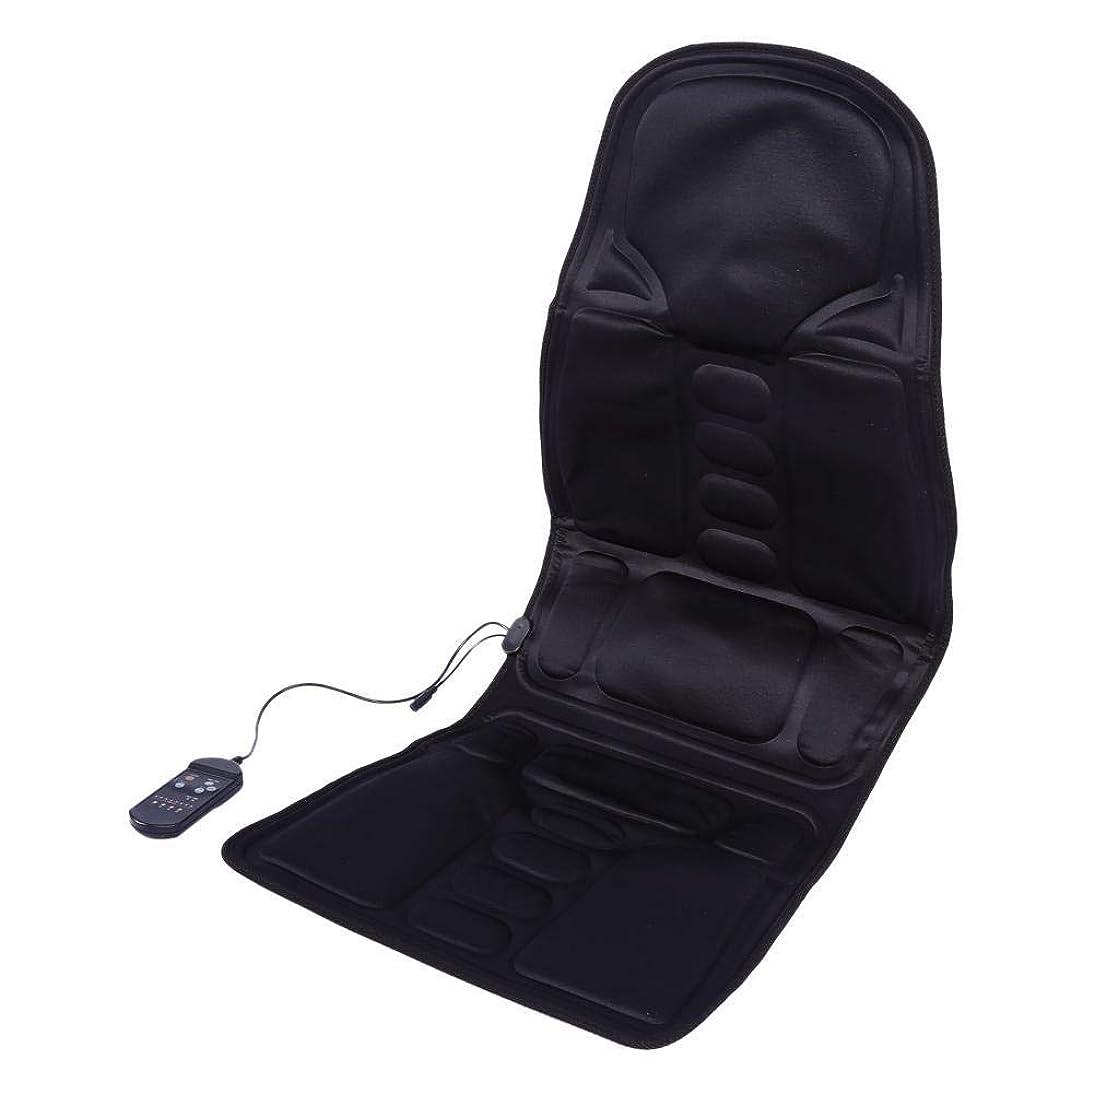 鼓舞するかすれた小麦マッサージチェアパッド 折りたたみ式マッサージチェアパッド、首、肩、背中の痛みを和らげ、7つの振動モーターと腰用暖房パッド バックマッサージャー